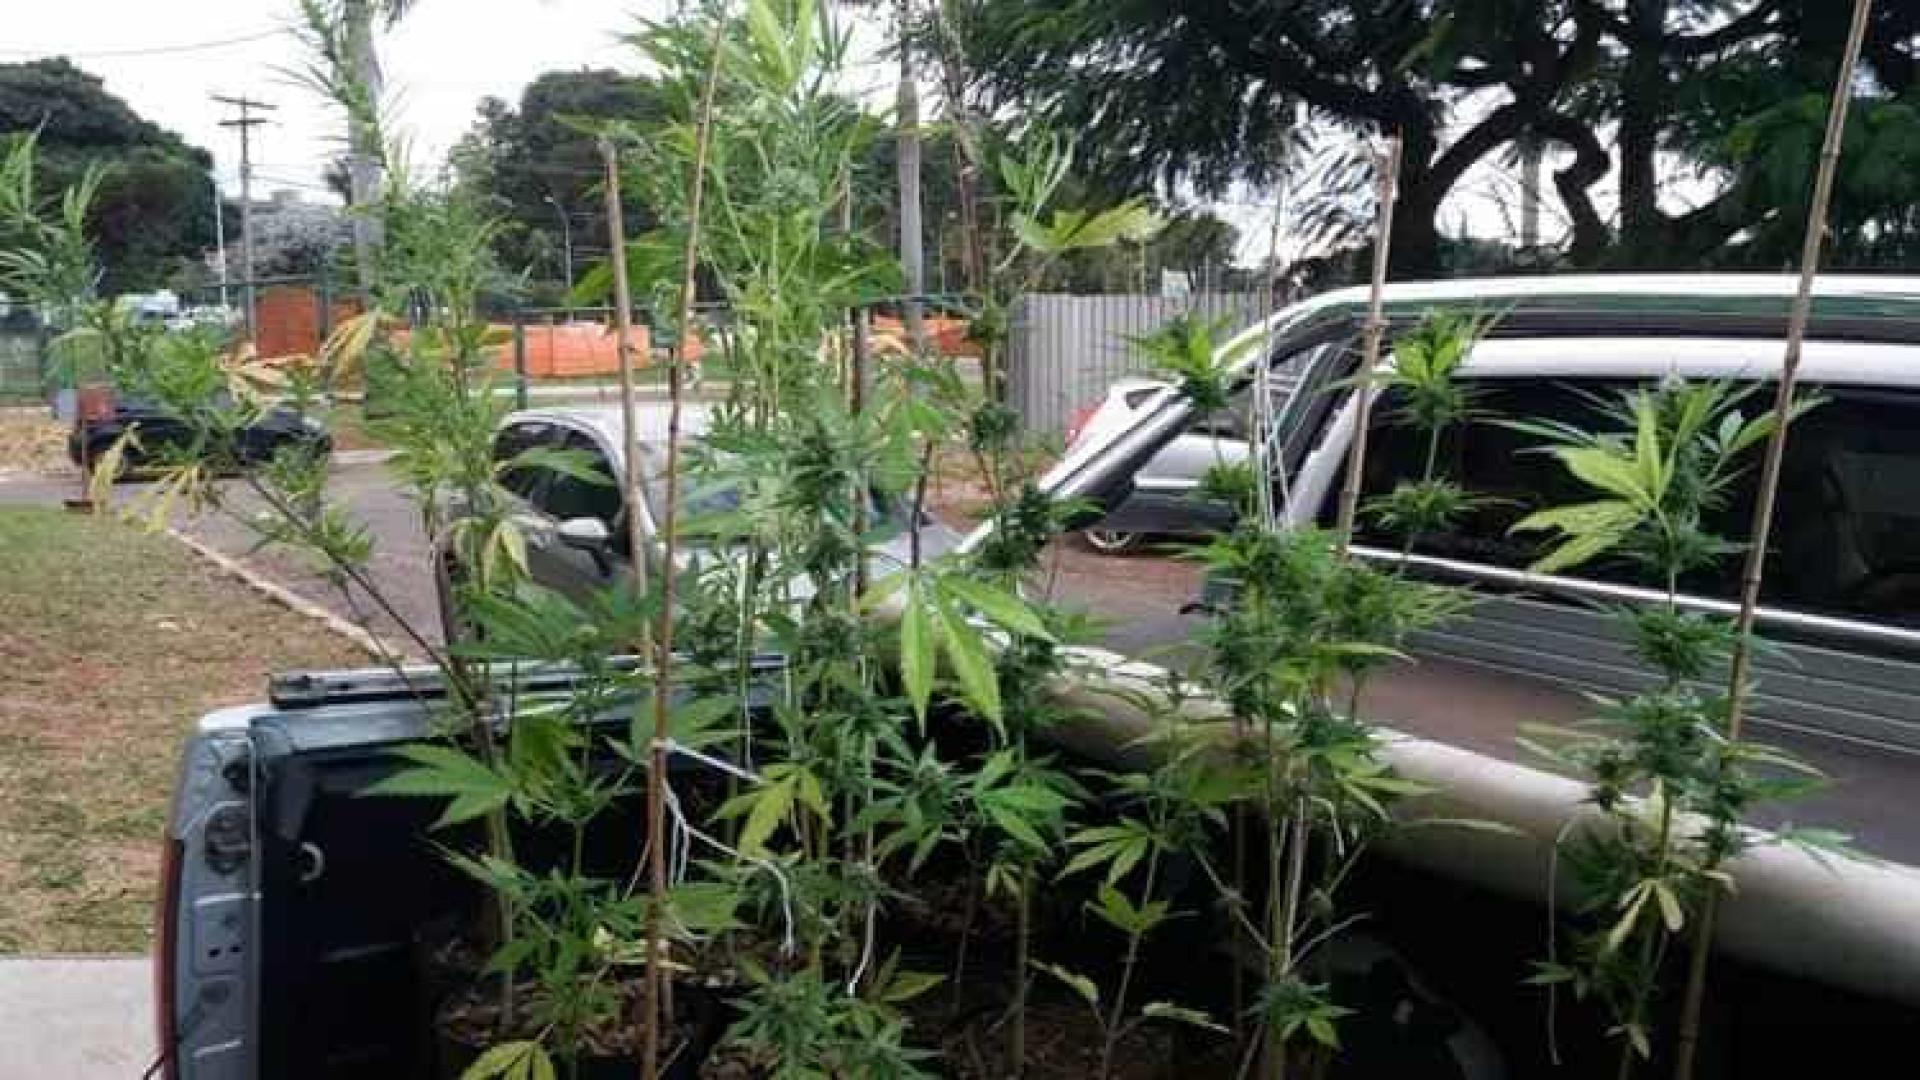 Polícia acha plantação de maconha da  UnB e prende três suspeitos